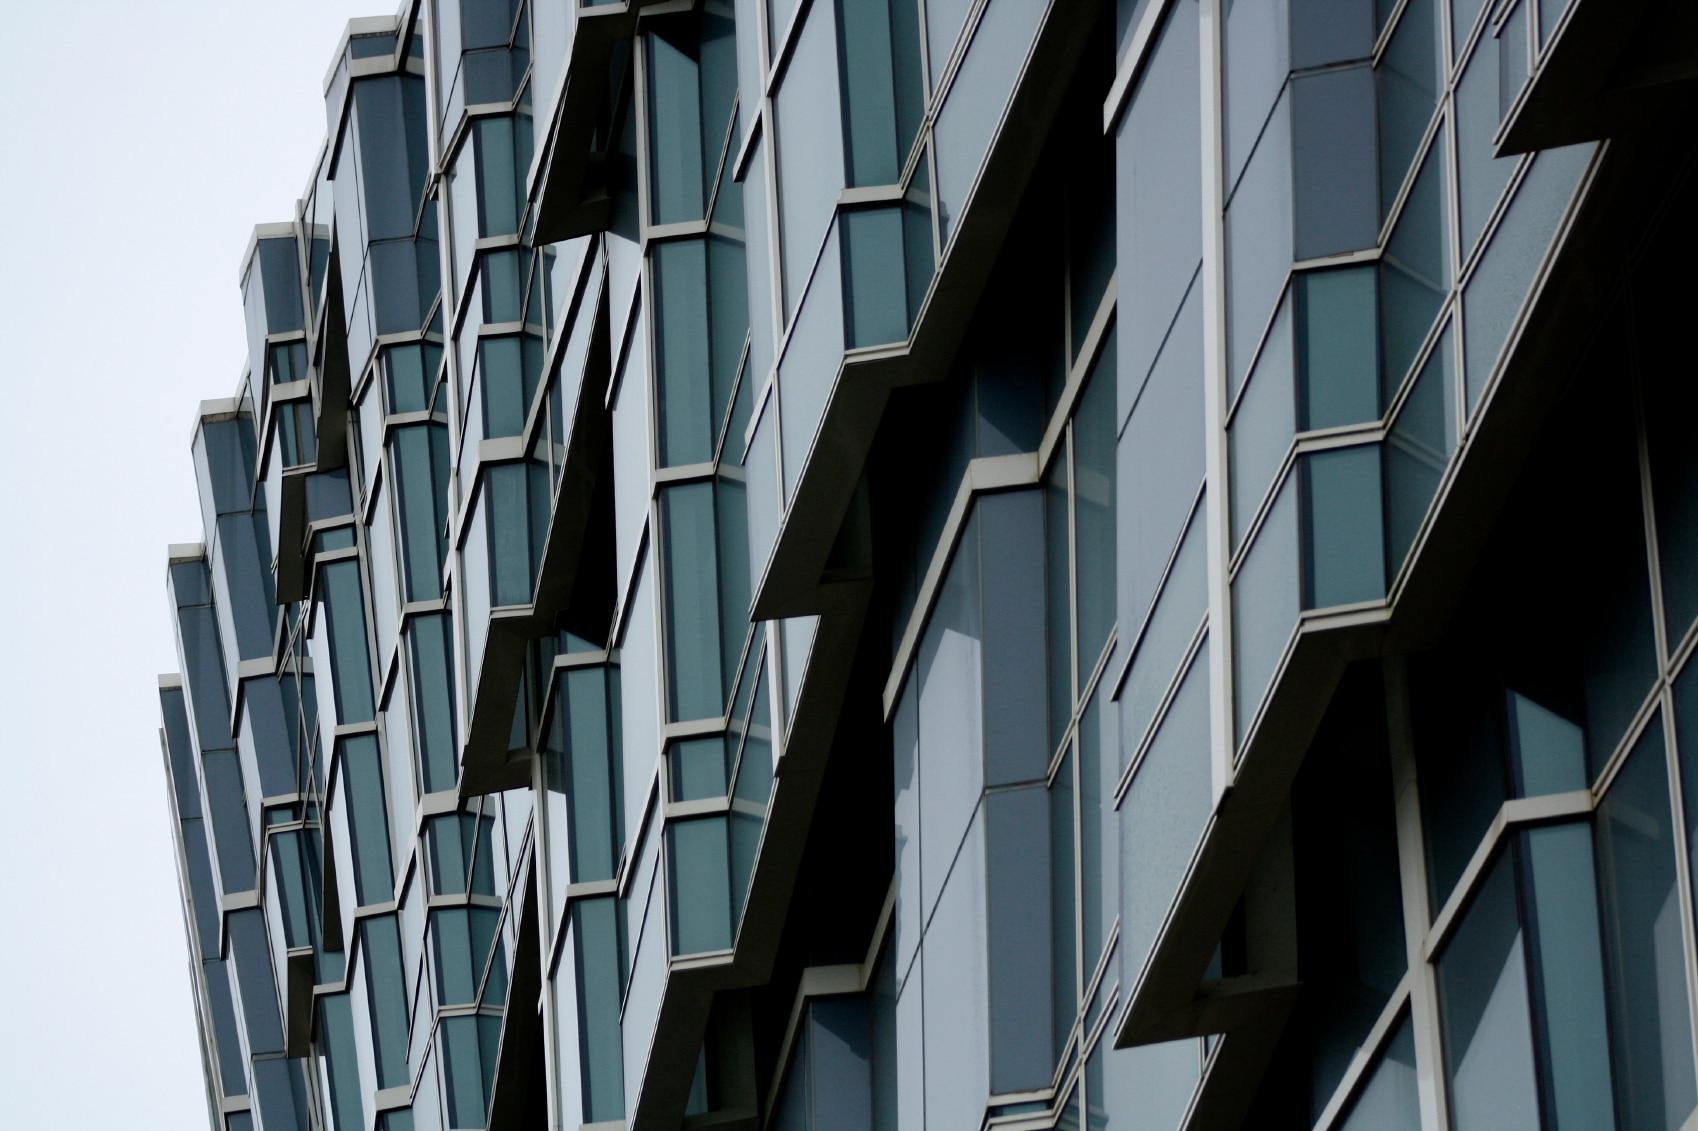 Bbva el pr stamo hipotecario el mejor camino hacia una - Centro hipotecario bbva ...